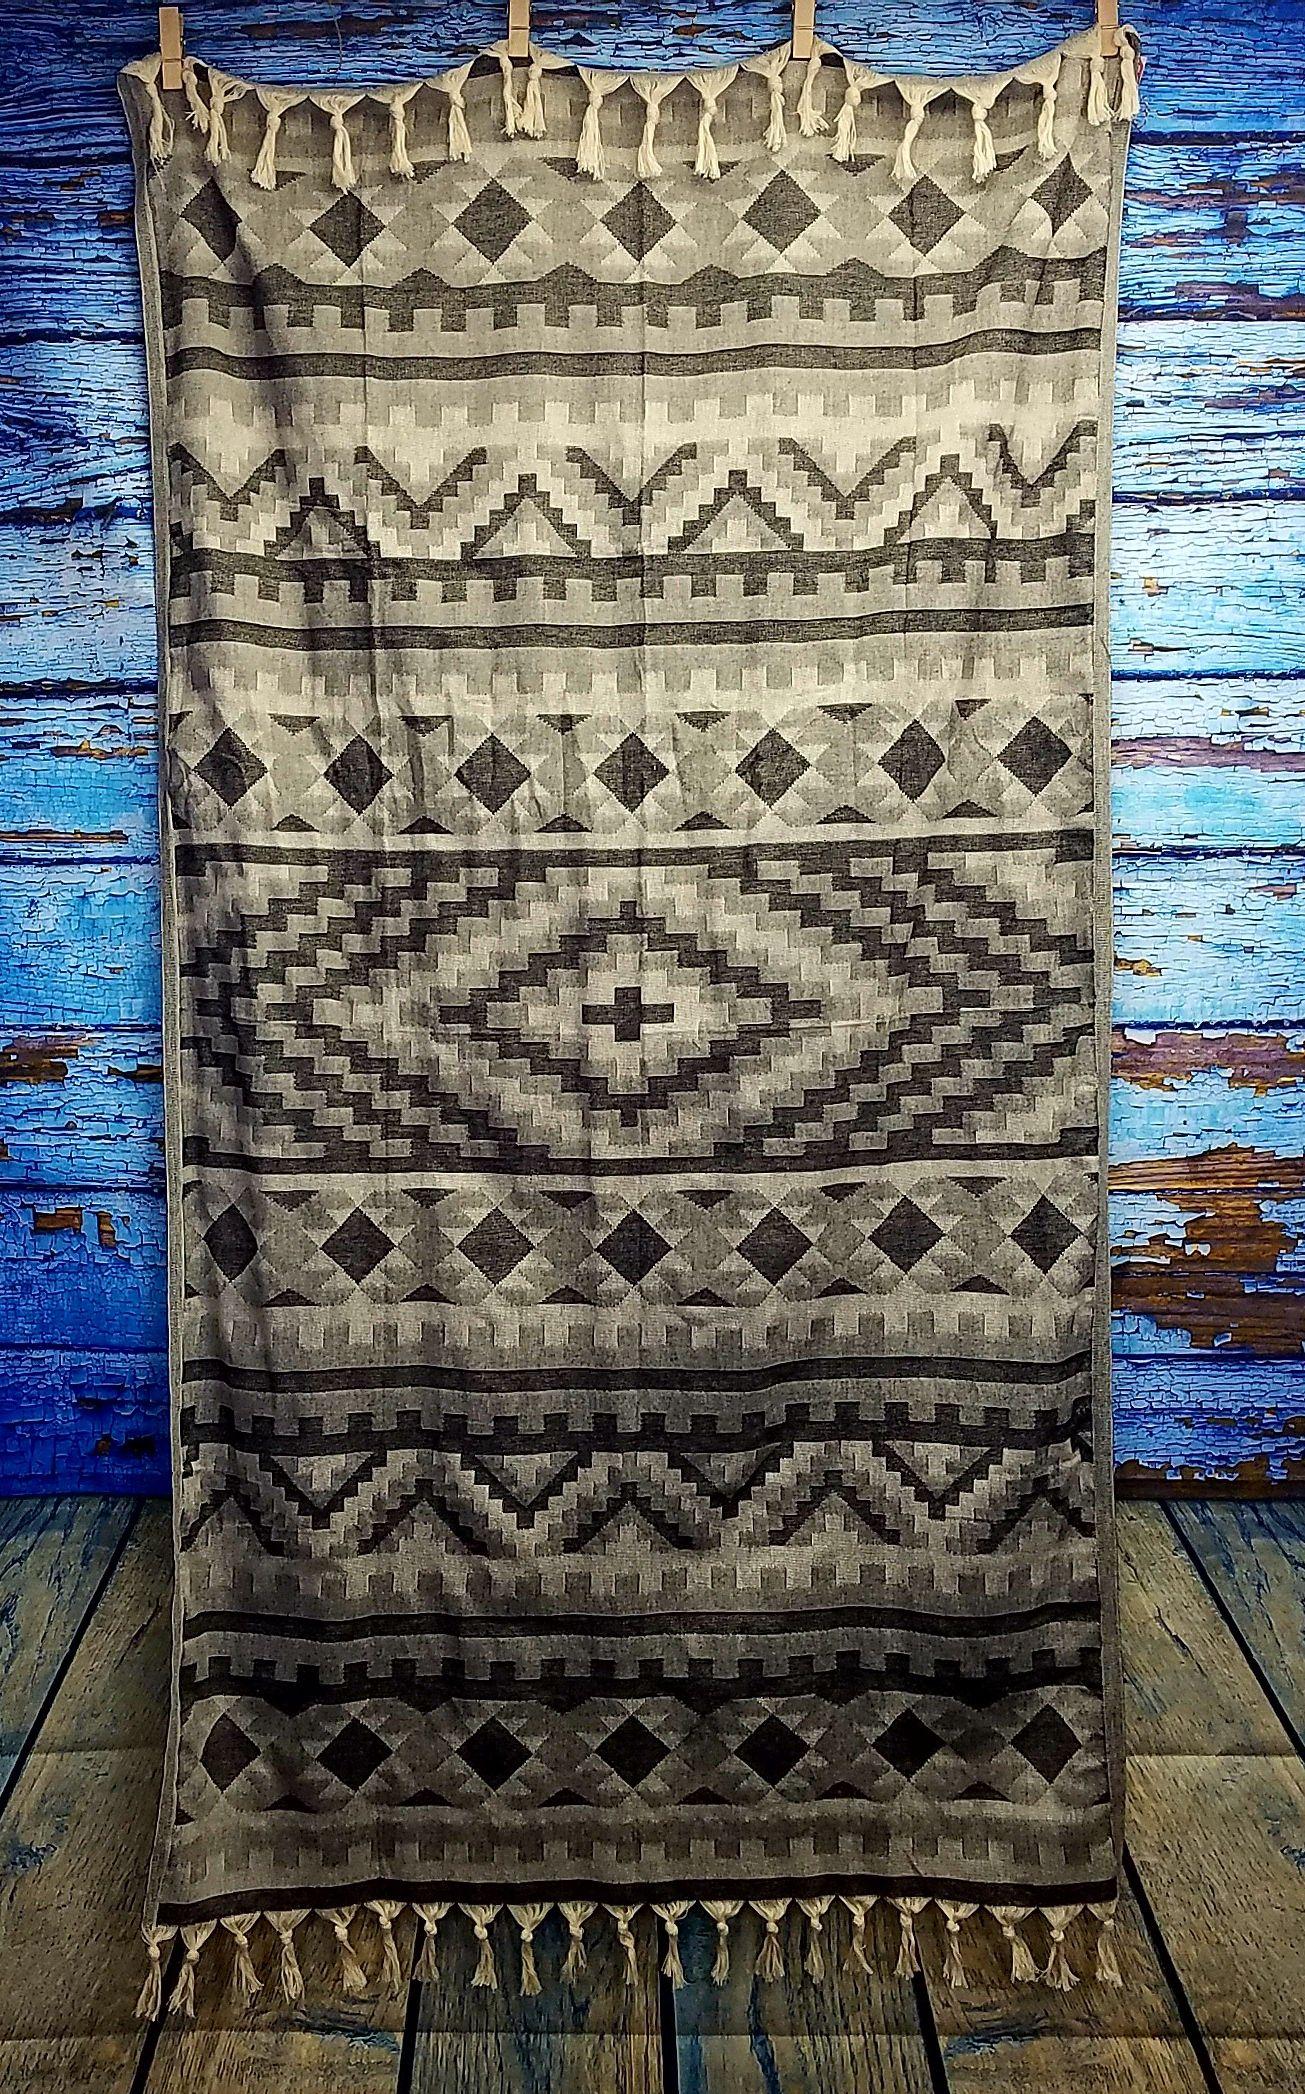 Turkish Pehstemal Towels By Atay Trade Beachgirl Beachwaves